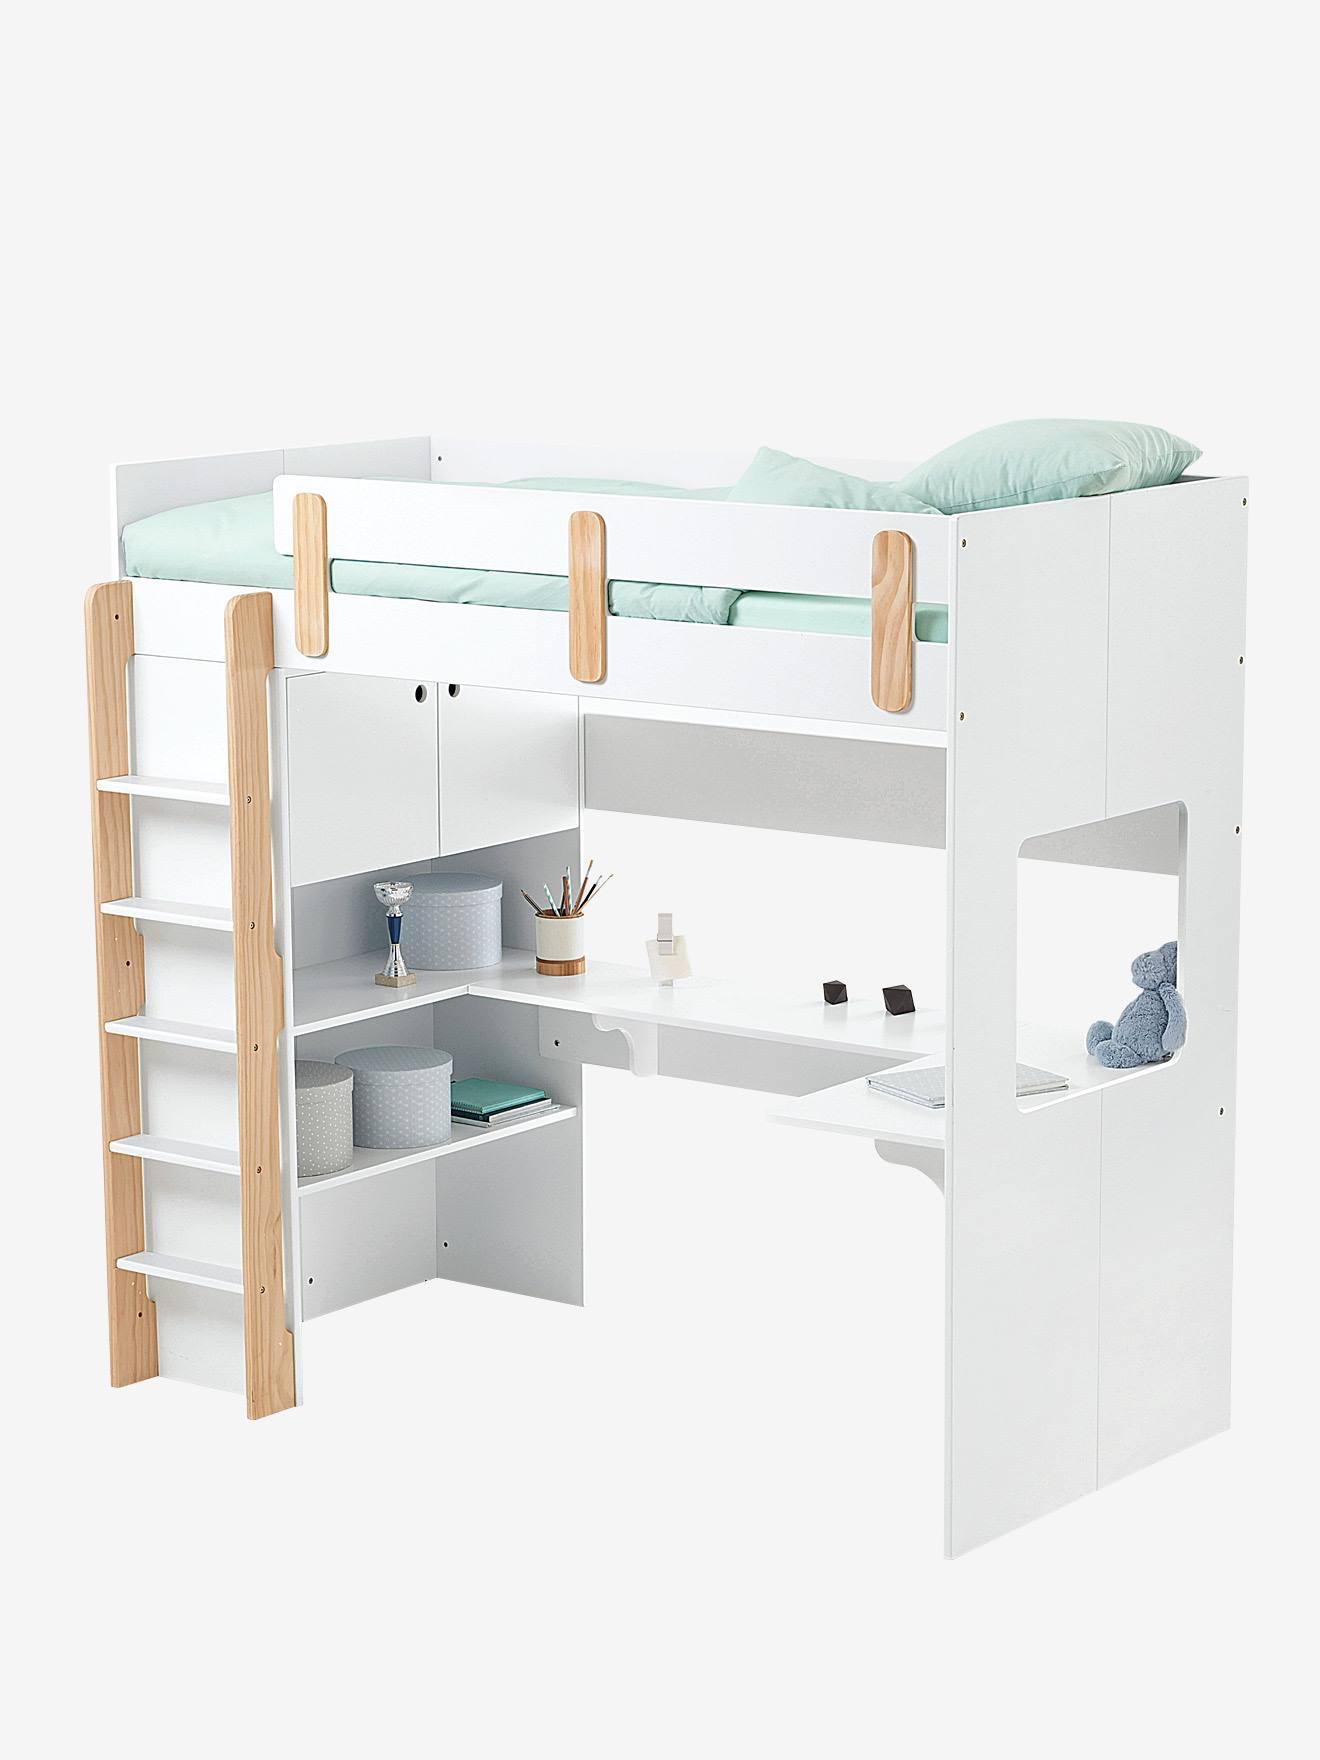 lit enfant avec escalier lit duune place avec bureau et armoire with lit enfant avec escalier. Black Bedroom Furniture Sets. Home Design Ideas